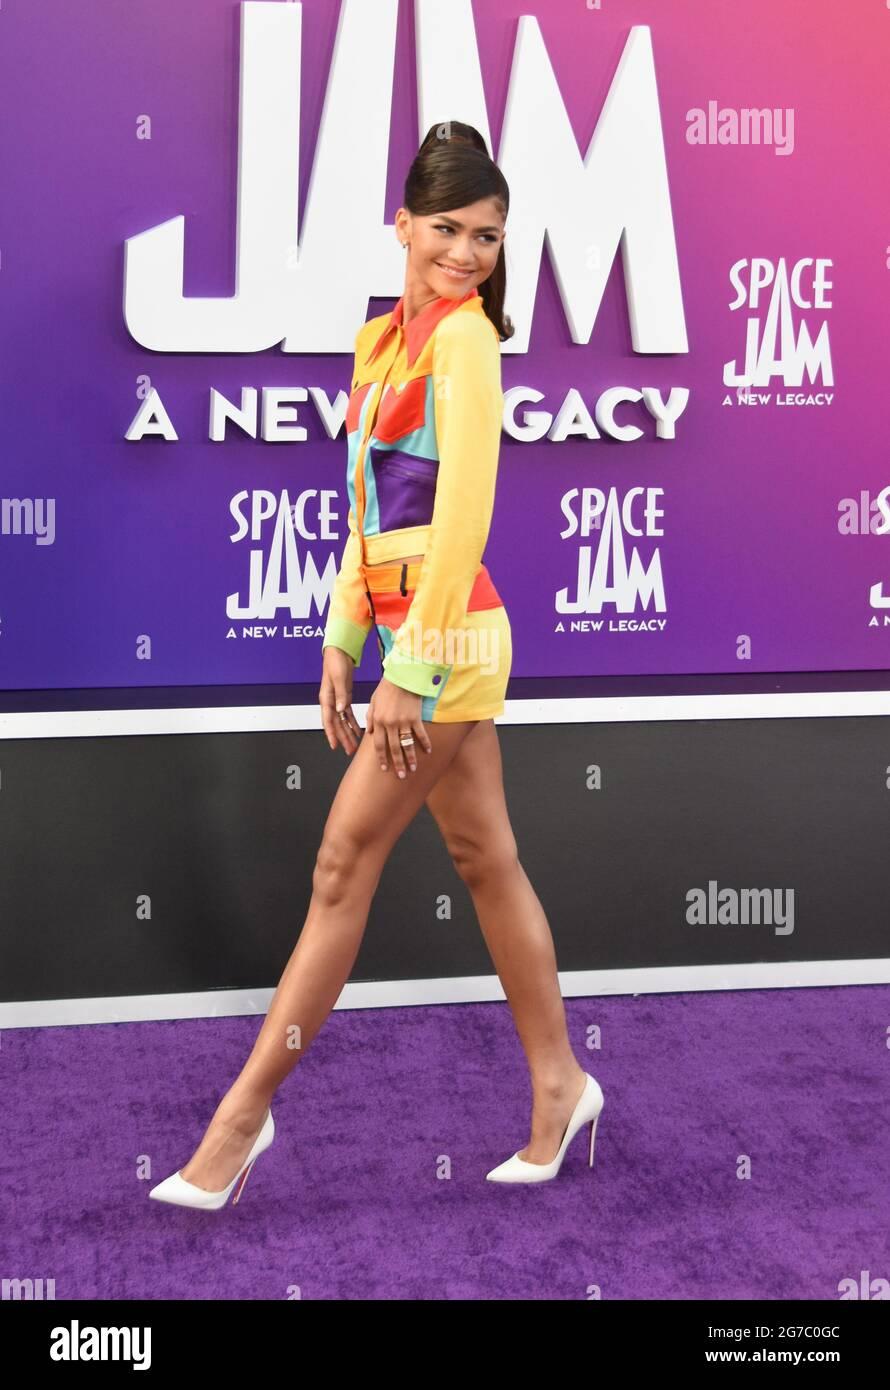 Los Angeles, Kalifornien, USA 12. Juli 2021 die Schauspielerin Zendaya nimmt an der Weltpremiere von Warner Bros. Picturs 'Space Jam: A New Legacy' im Regal L.A. Teil LIVE at 800 W. Olympic Blvd on July 12, 2021 in Los Angeles, California, USA. Foto von Barry King/Alamy Live News Stockfoto